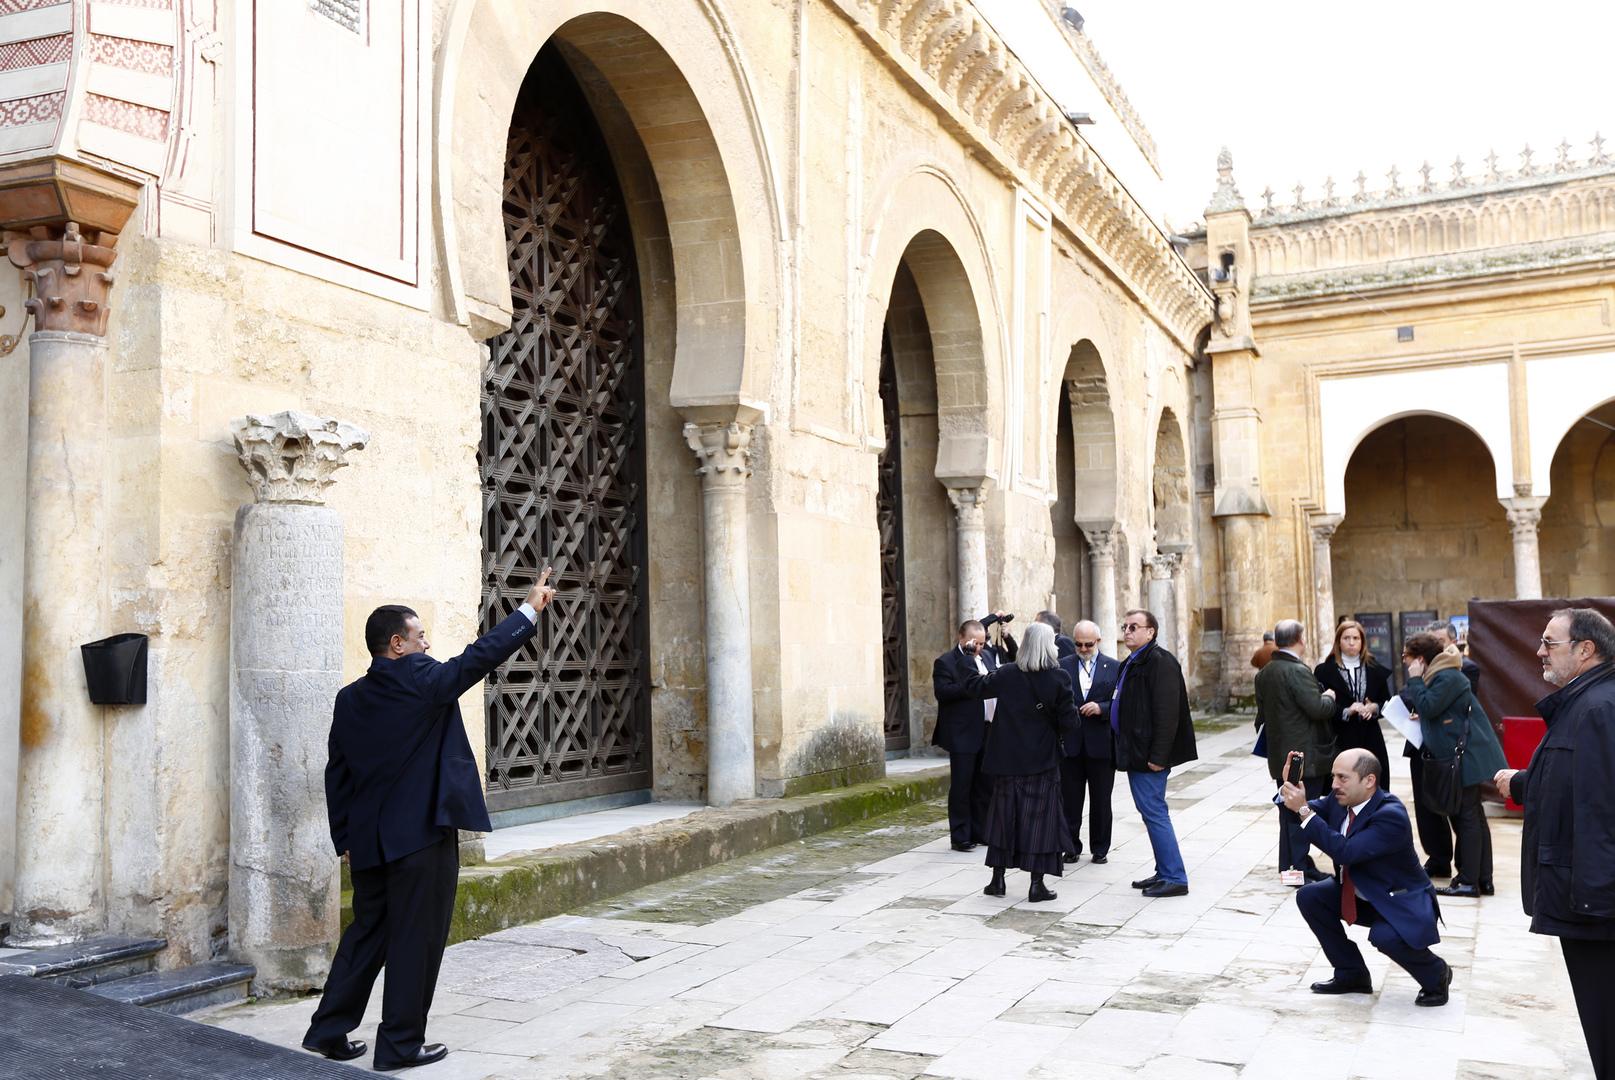 كاتدرائية قرطبة التي كانت جامع قرطبة الكبير في العهد الأندلسي.